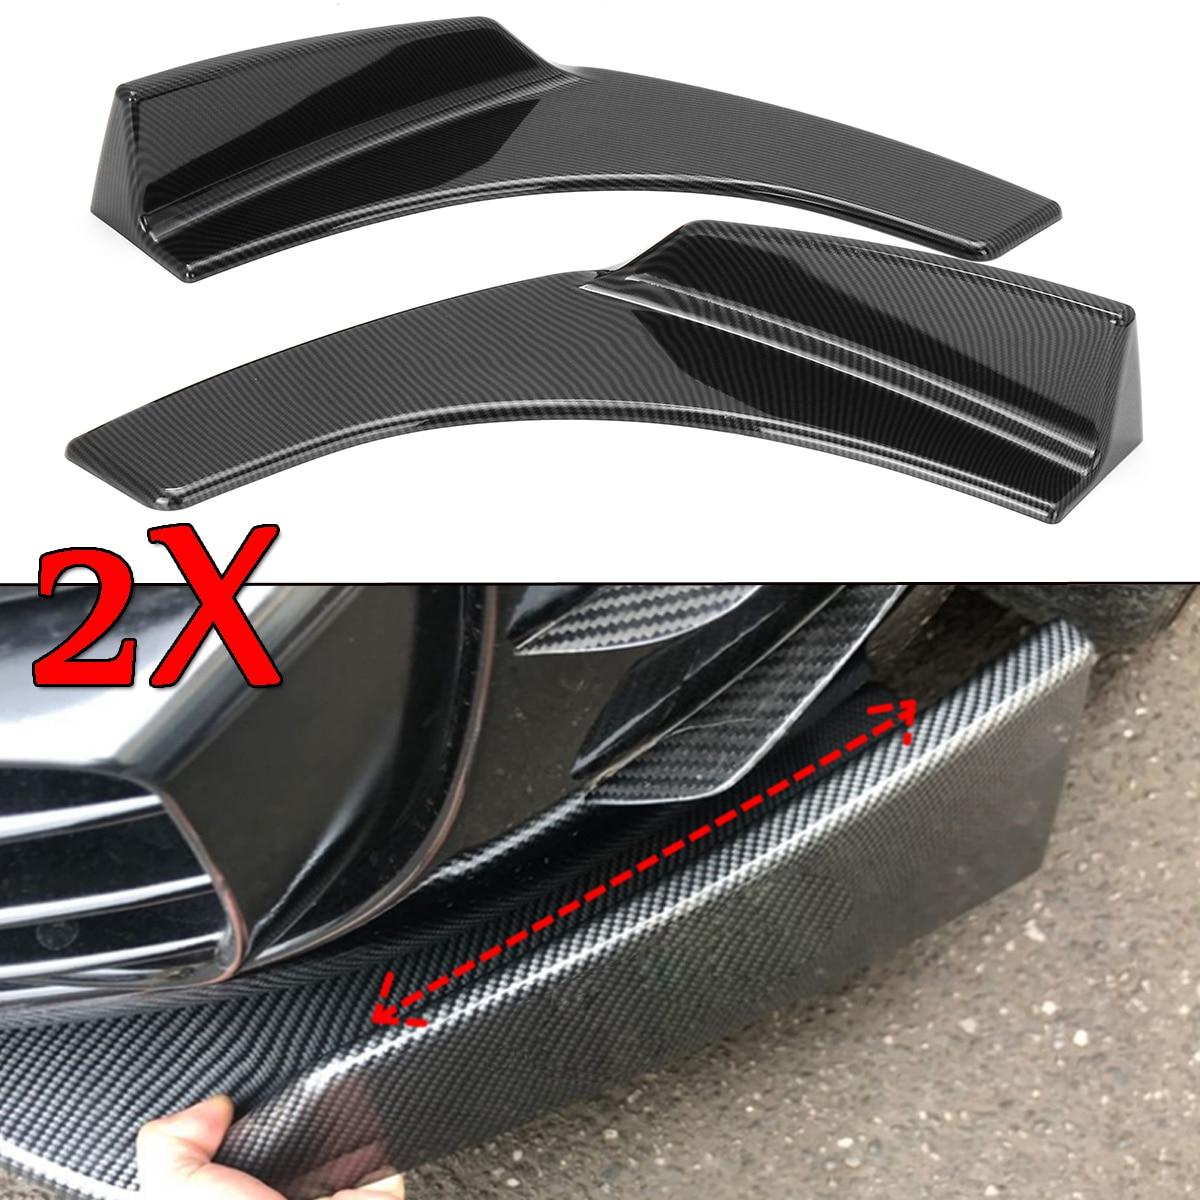 EEN Paar Carbon Fiber Look/Zwart Universele Auto Voorbumper Splitter Lip Bumper Deflector Spoiler Diffuser Canard Lip Bescherming